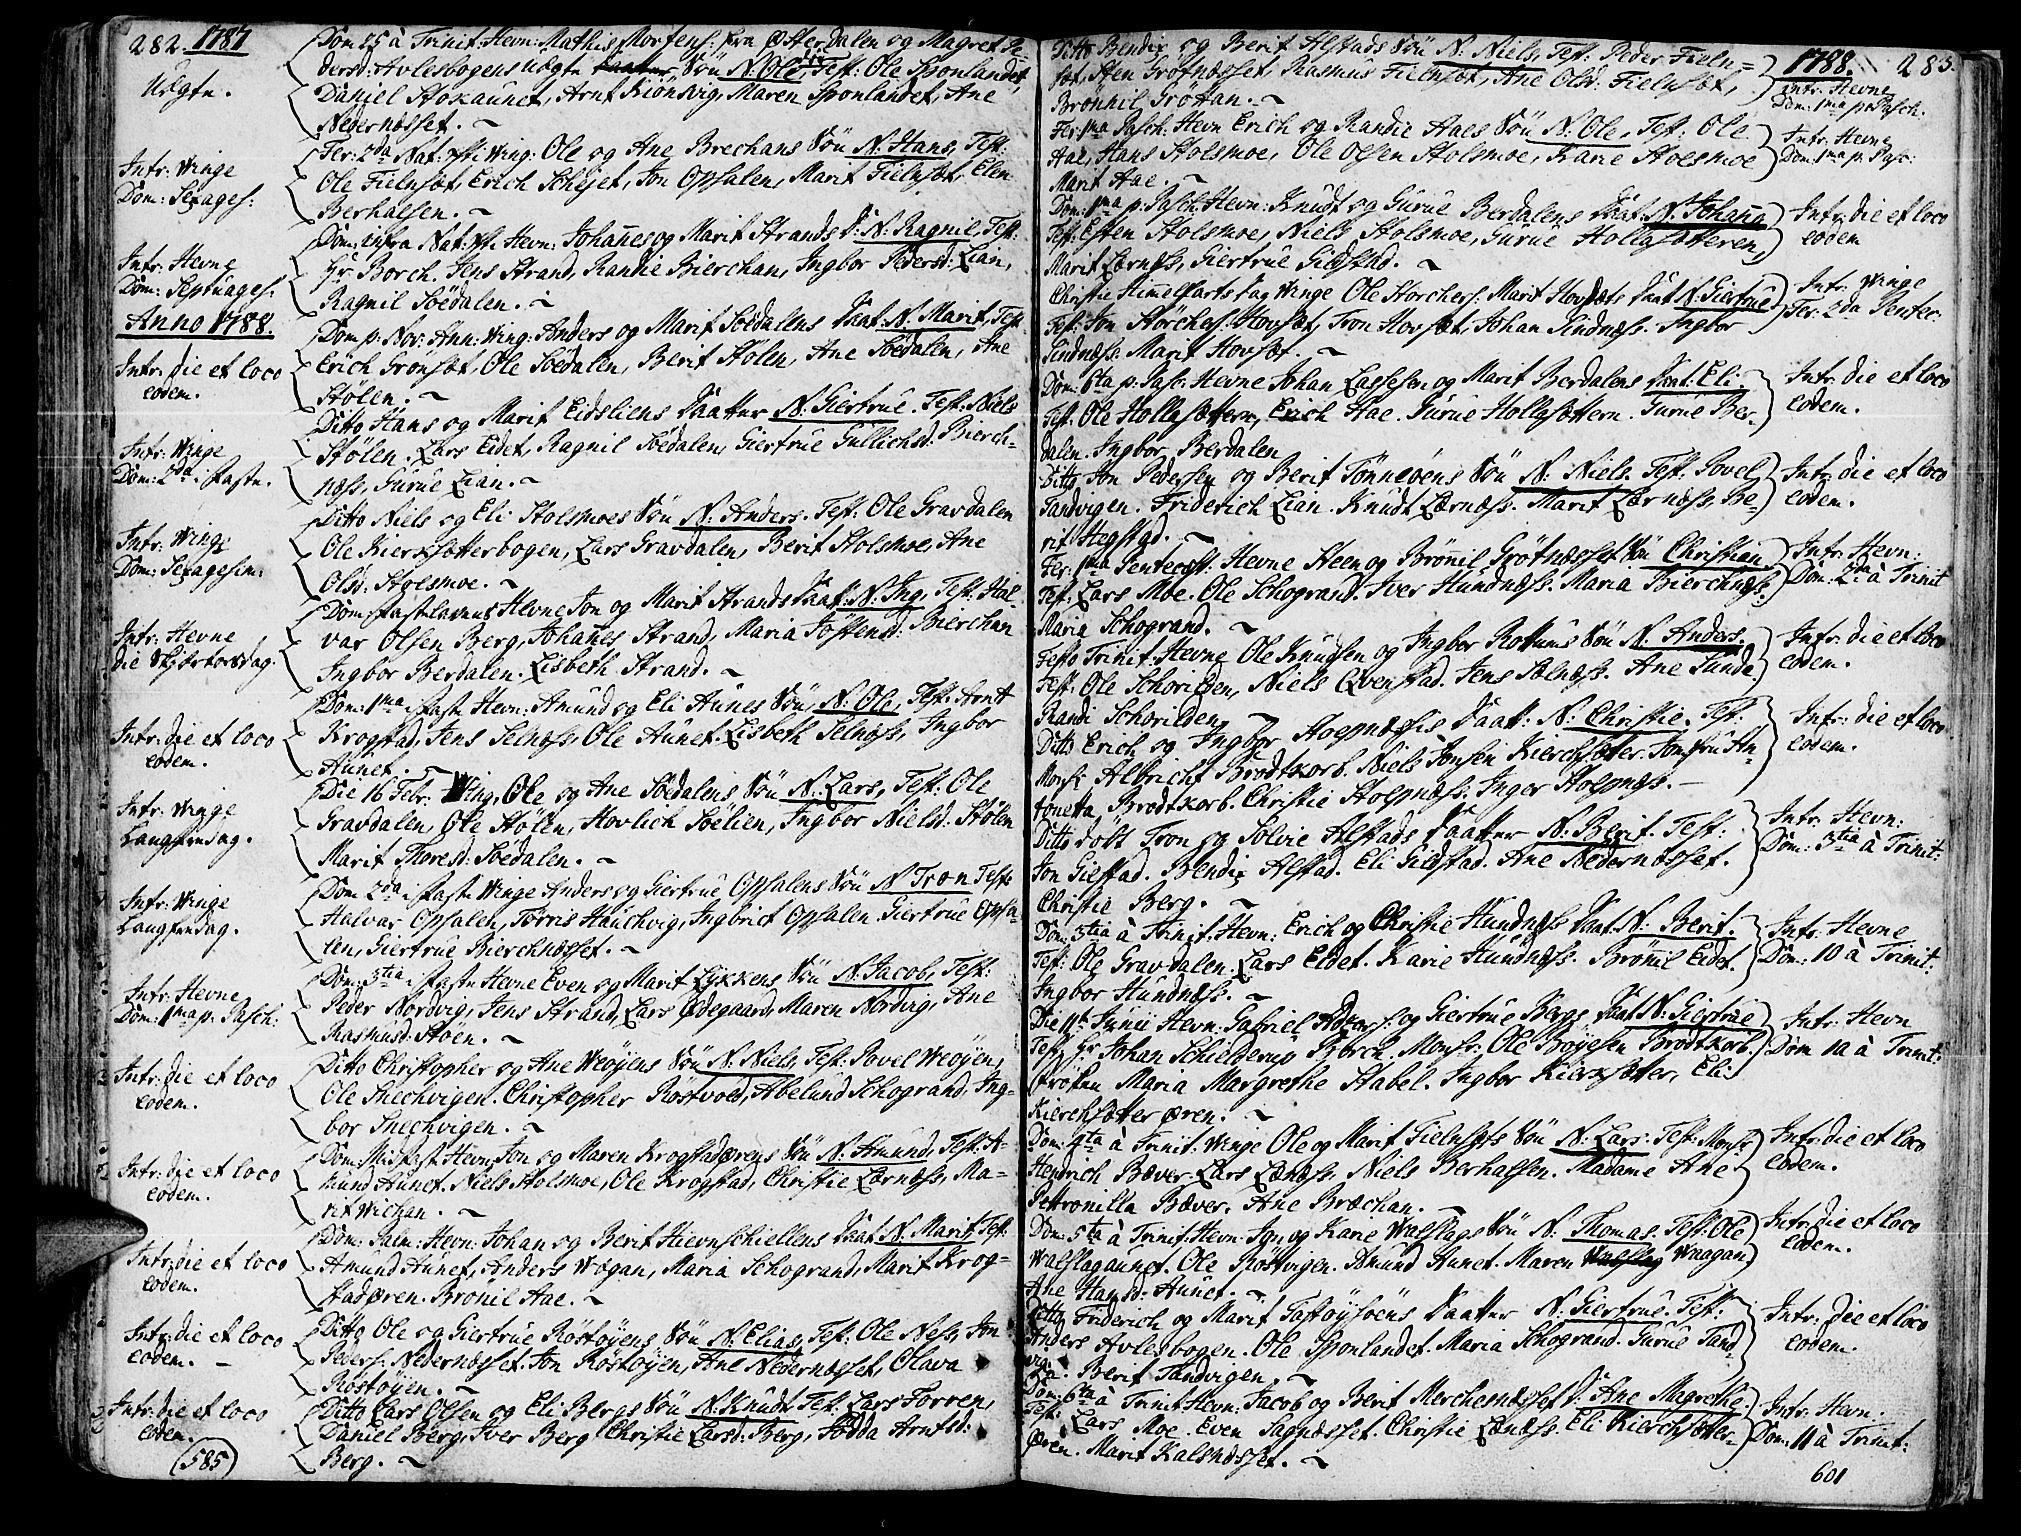 SAT, Ministerialprotokoller, klokkerbøker og fødselsregistre - Sør-Trøndelag, 630/L0489: Ministerialbok nr. 630A02, 1757-1794, s. 282-283